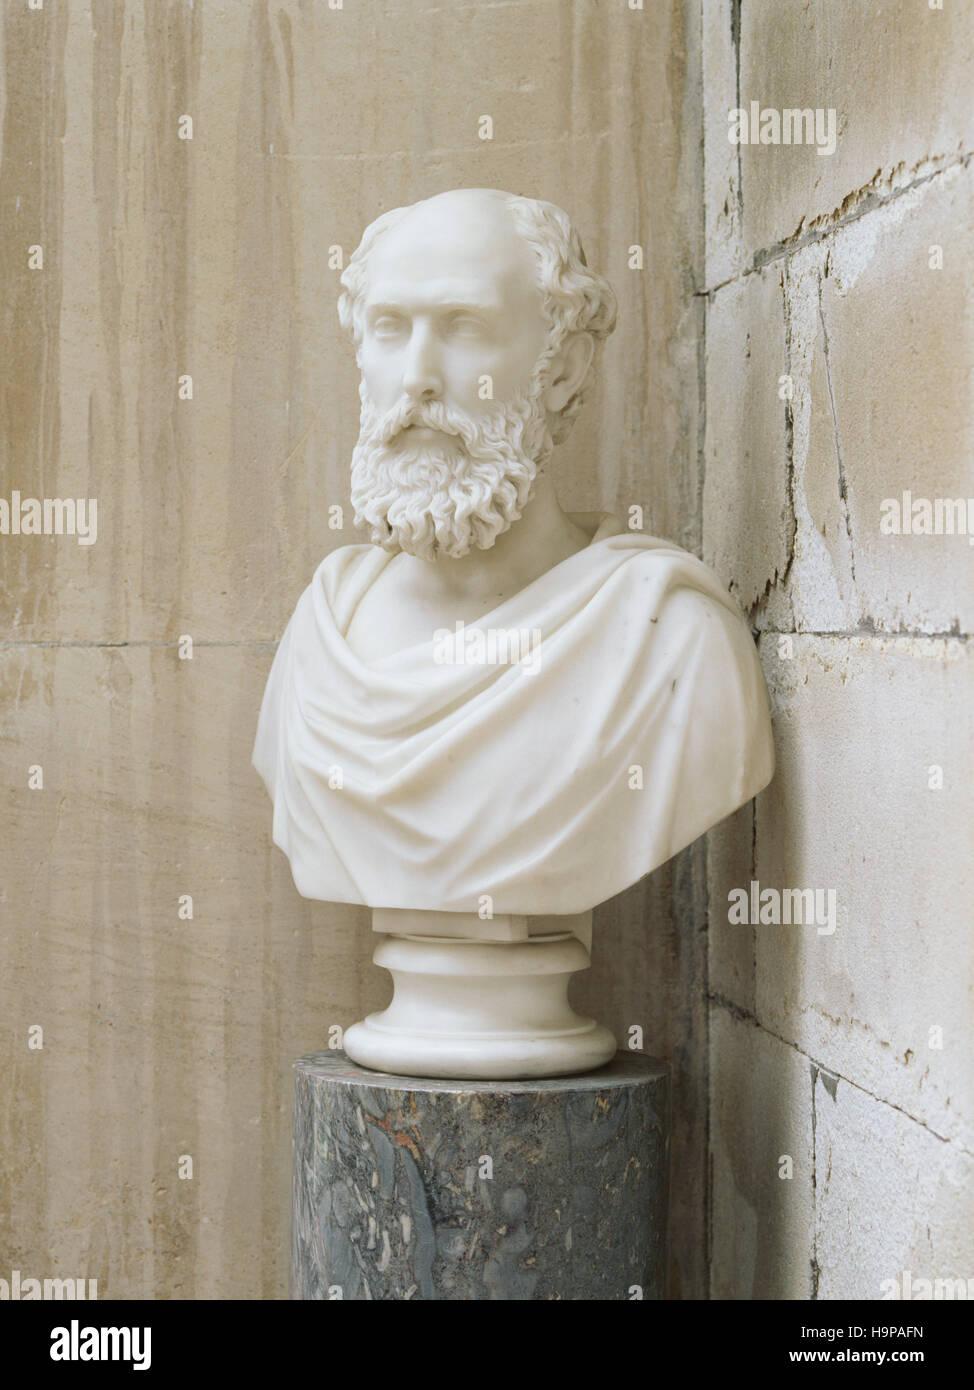 Busto (C xix secolo inglese) di William Henry Pole-Carew (1811-88) nel portico a Antony House. Immagini Stock